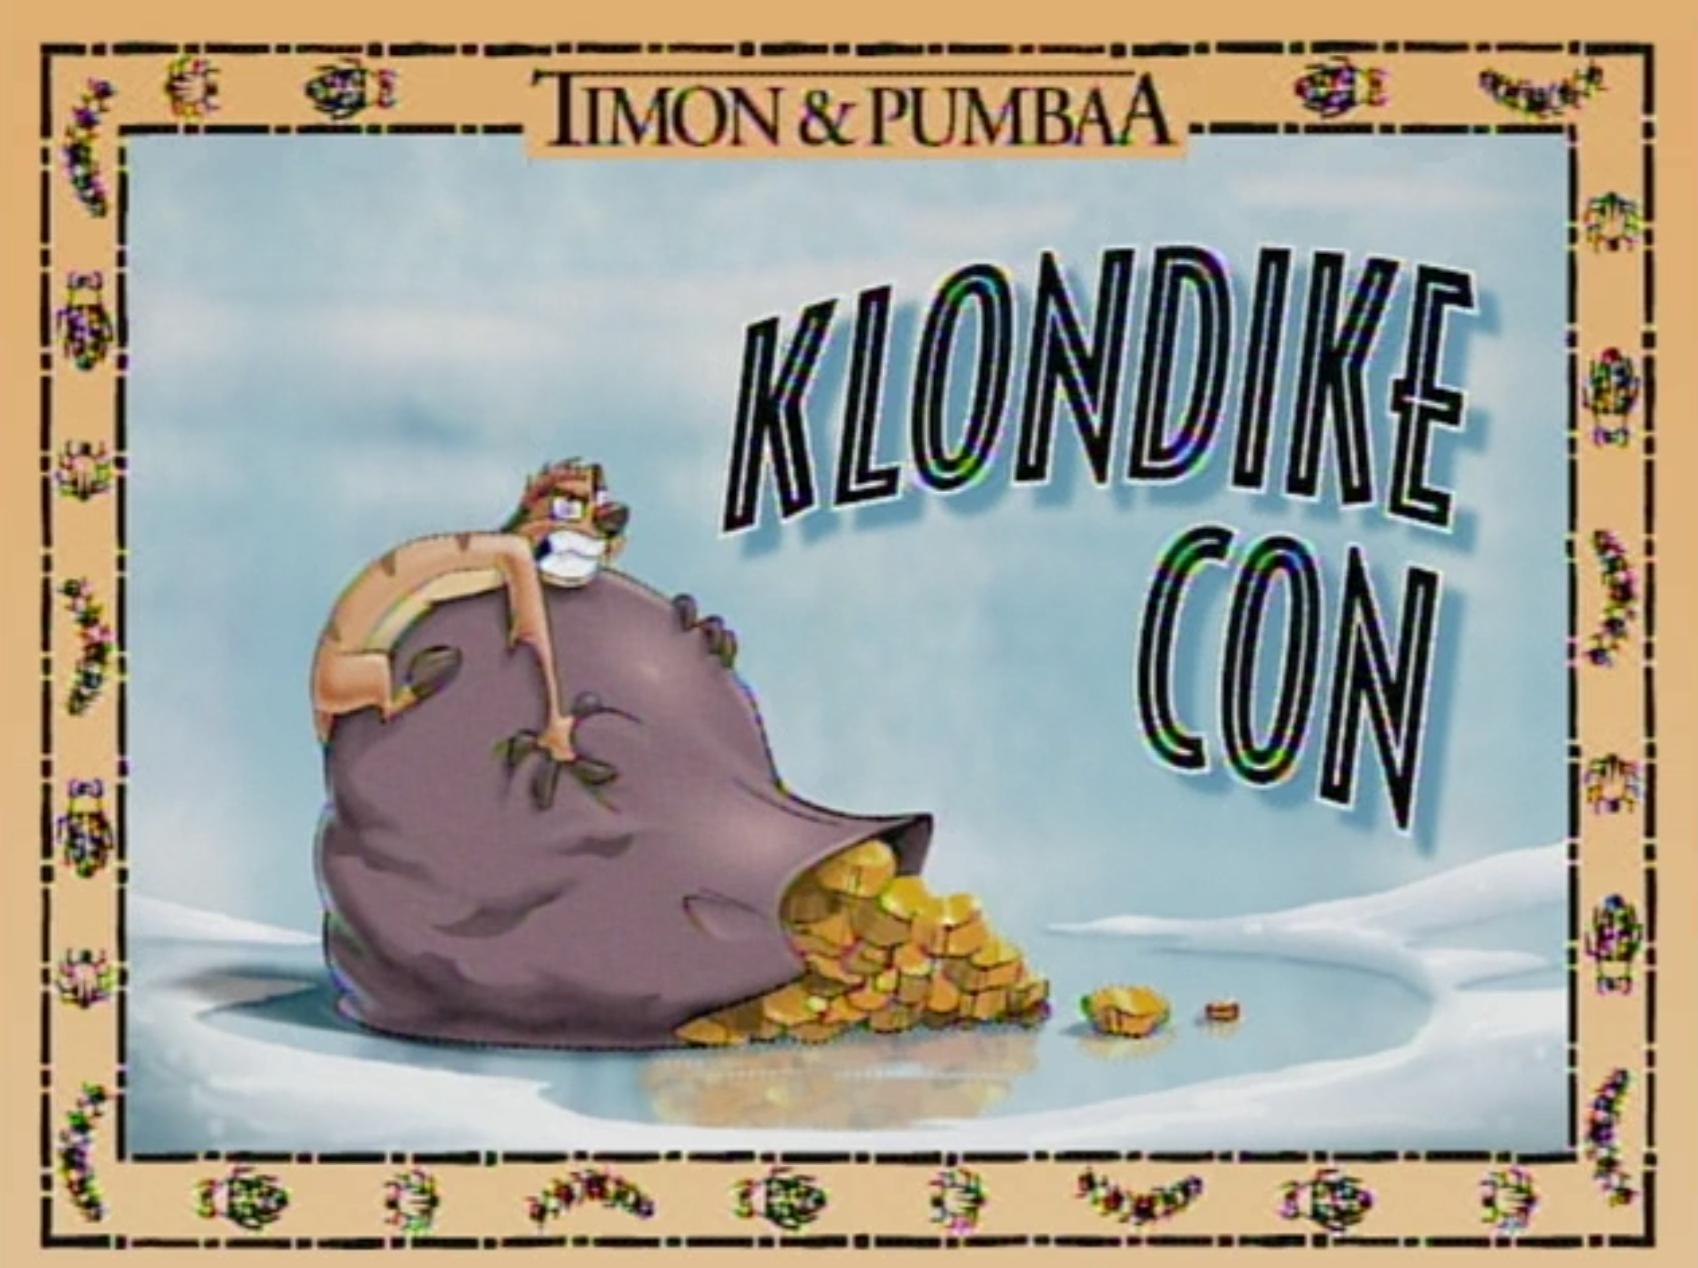 Klondike Con